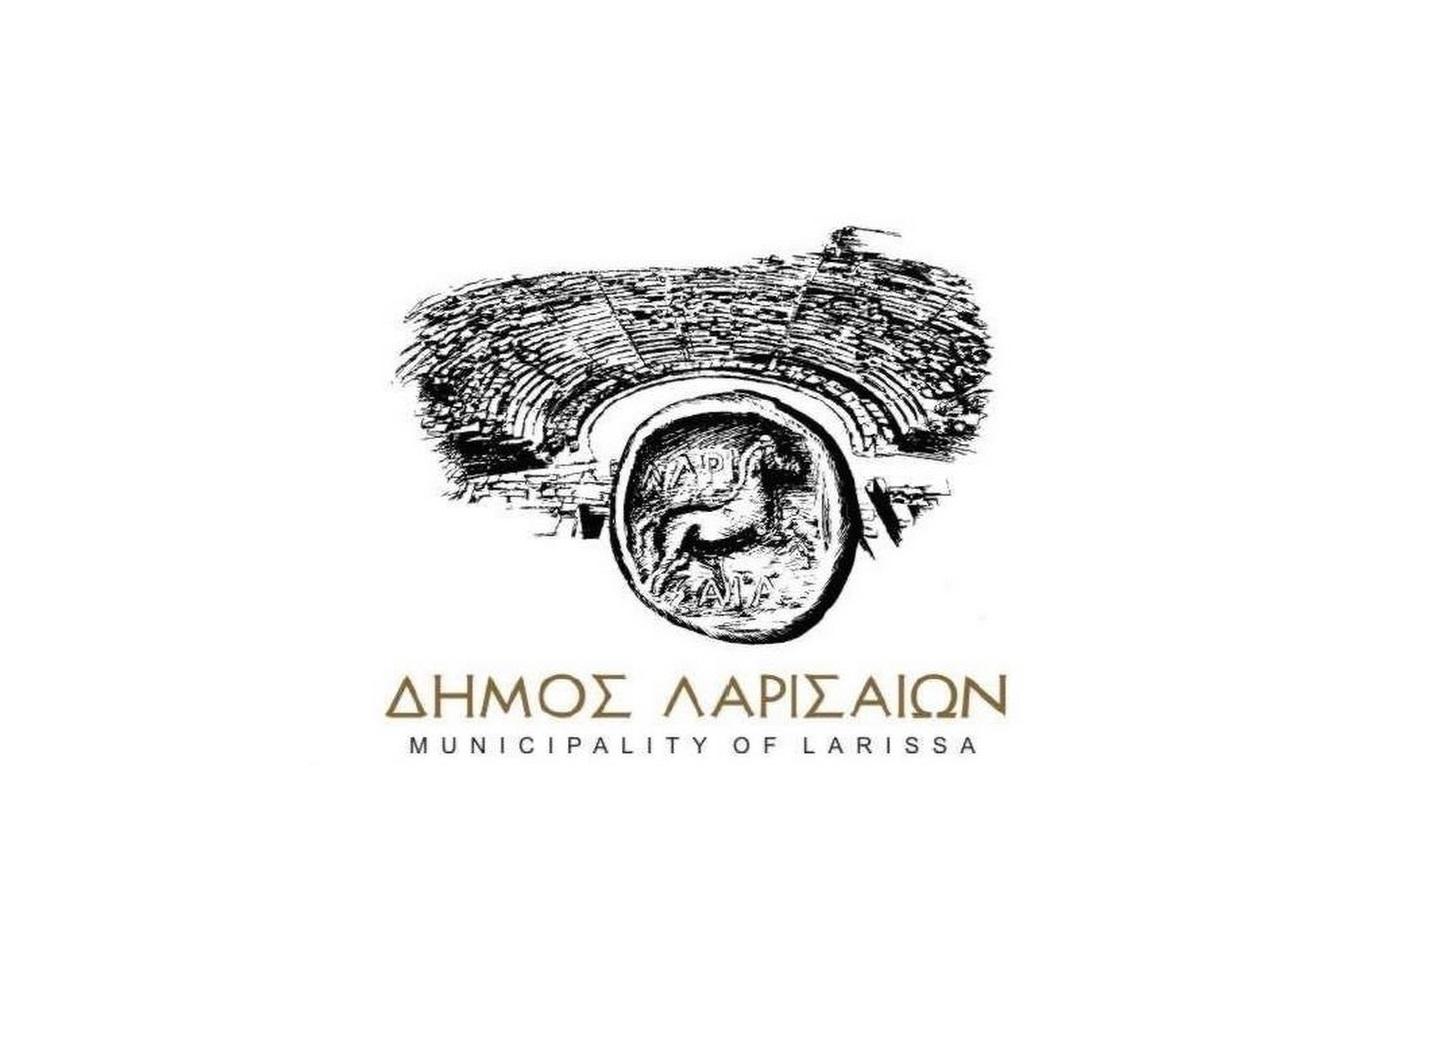 (Ελληνικά) Παραγωγή έντυπου υλικού εκθεσιακής υποστήριξης του Μουσείου Παππά – Δήμος Λαρισαίων